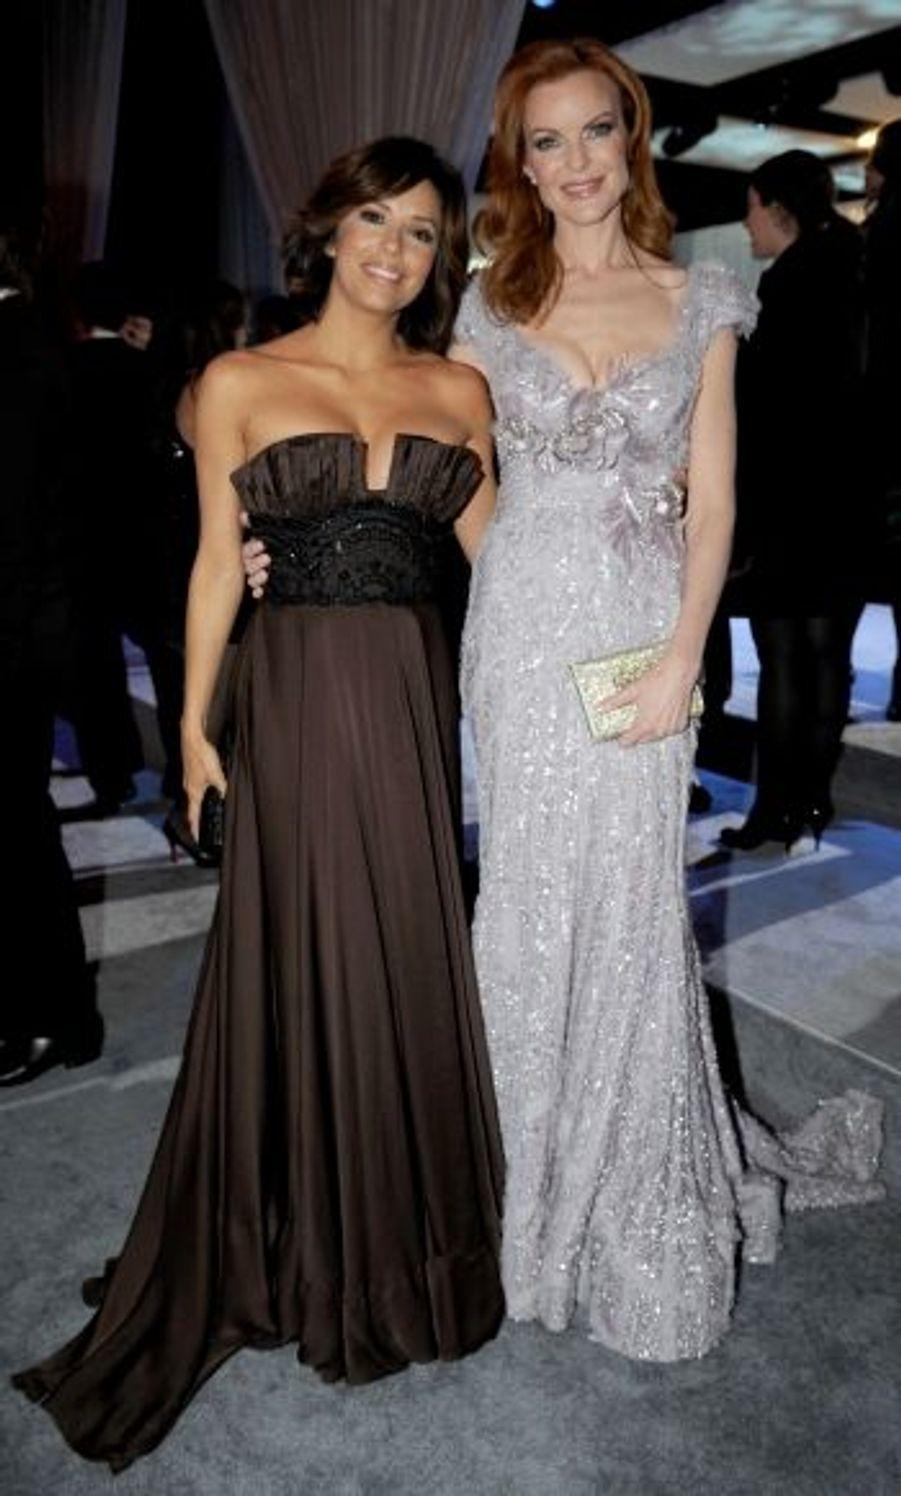 Après avoir tourné durant l'après-midi « Desperate Housewives », Eva Longoria et Marcia Cross se sont retrouvées à la soirée.